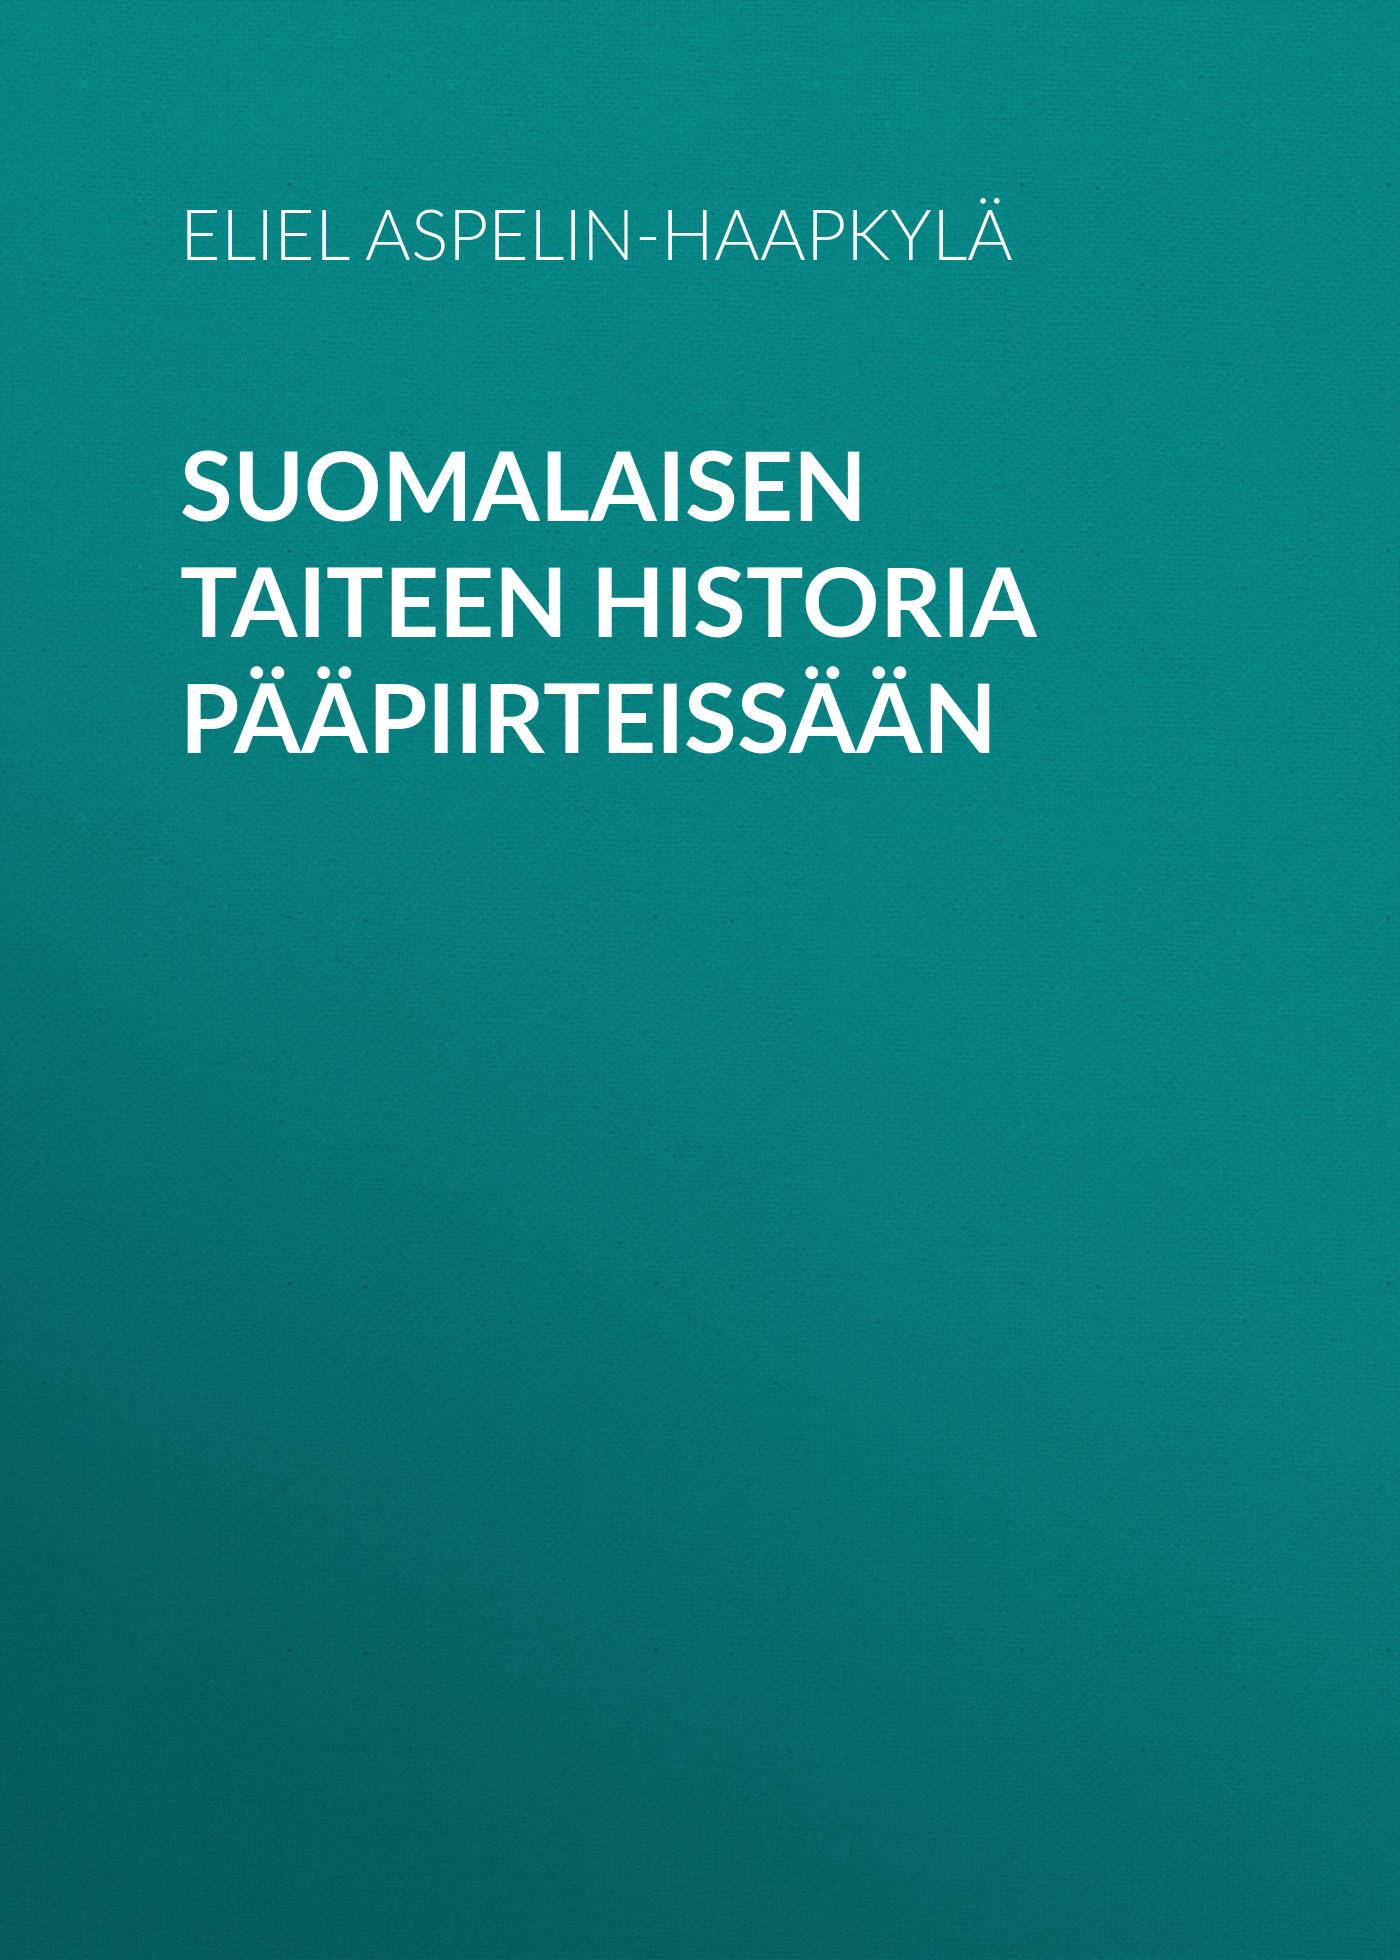 suomalaisen taiteen historia paapiirteissaan